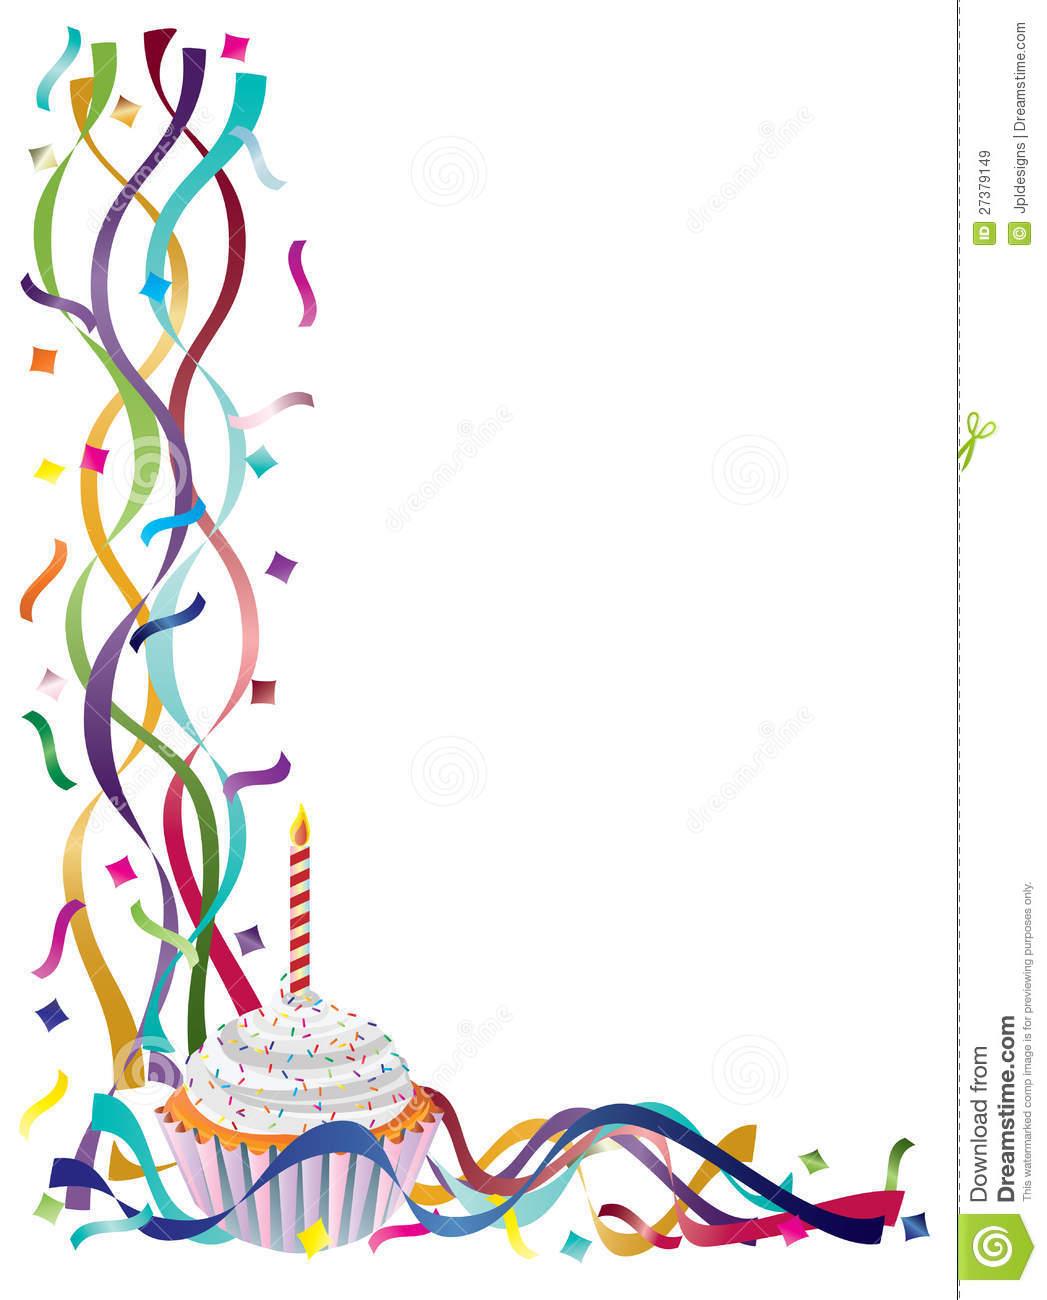 happy birthday borders clip .-happy birthday borders clip .-16